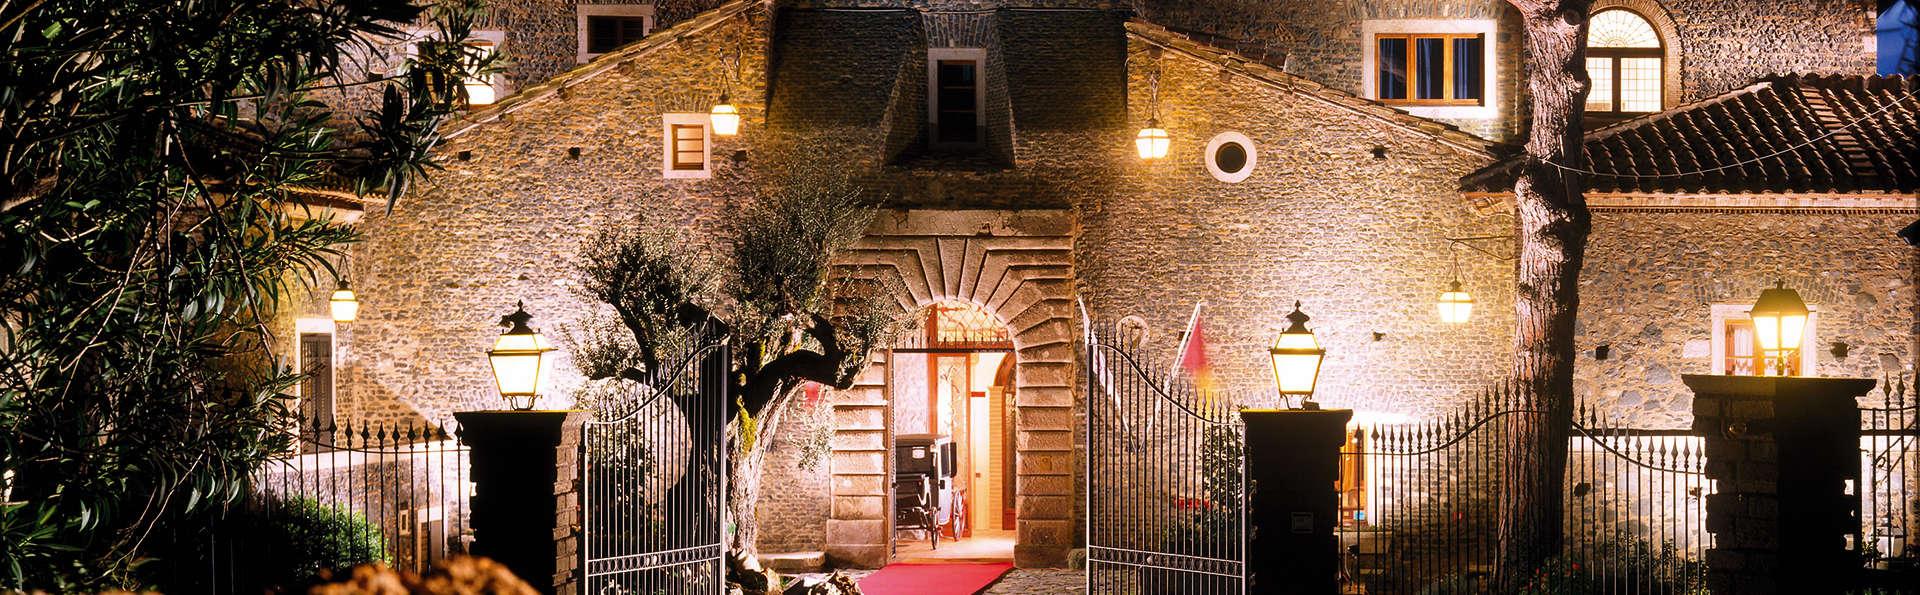 Castello della Castelluccia - Edit_Front4.jpg